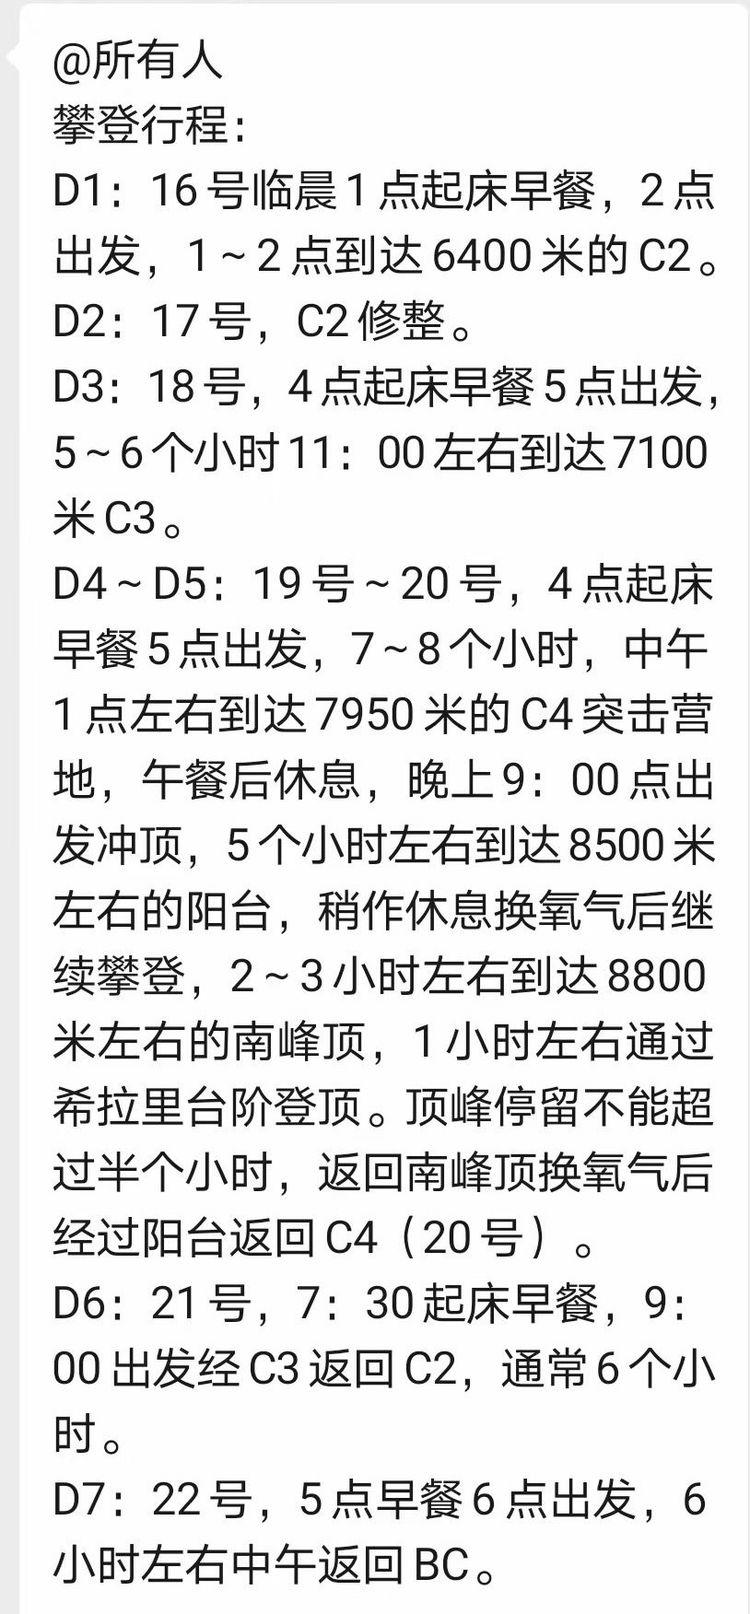 陈燕妮:新冠爆发下谁取消了珠峰行程?-在此刻凝视一位朋友攀登珠峰(四)